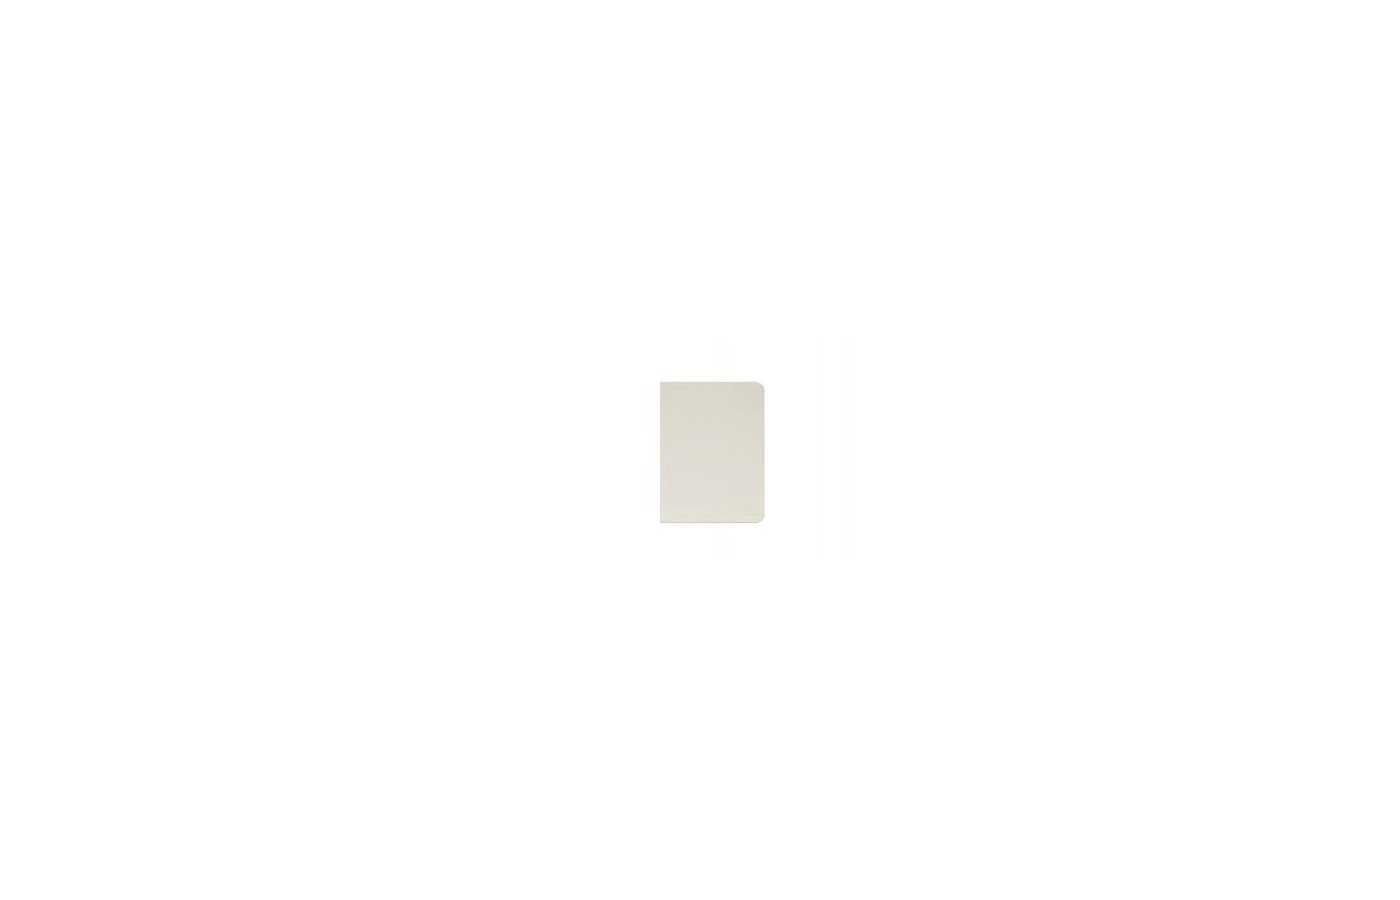 Чехол для планшетного ПК GoodEgg Lira GE-UNI10LIR2200 Обложка универсальная для планшетов с диагональю 10 кожа белый